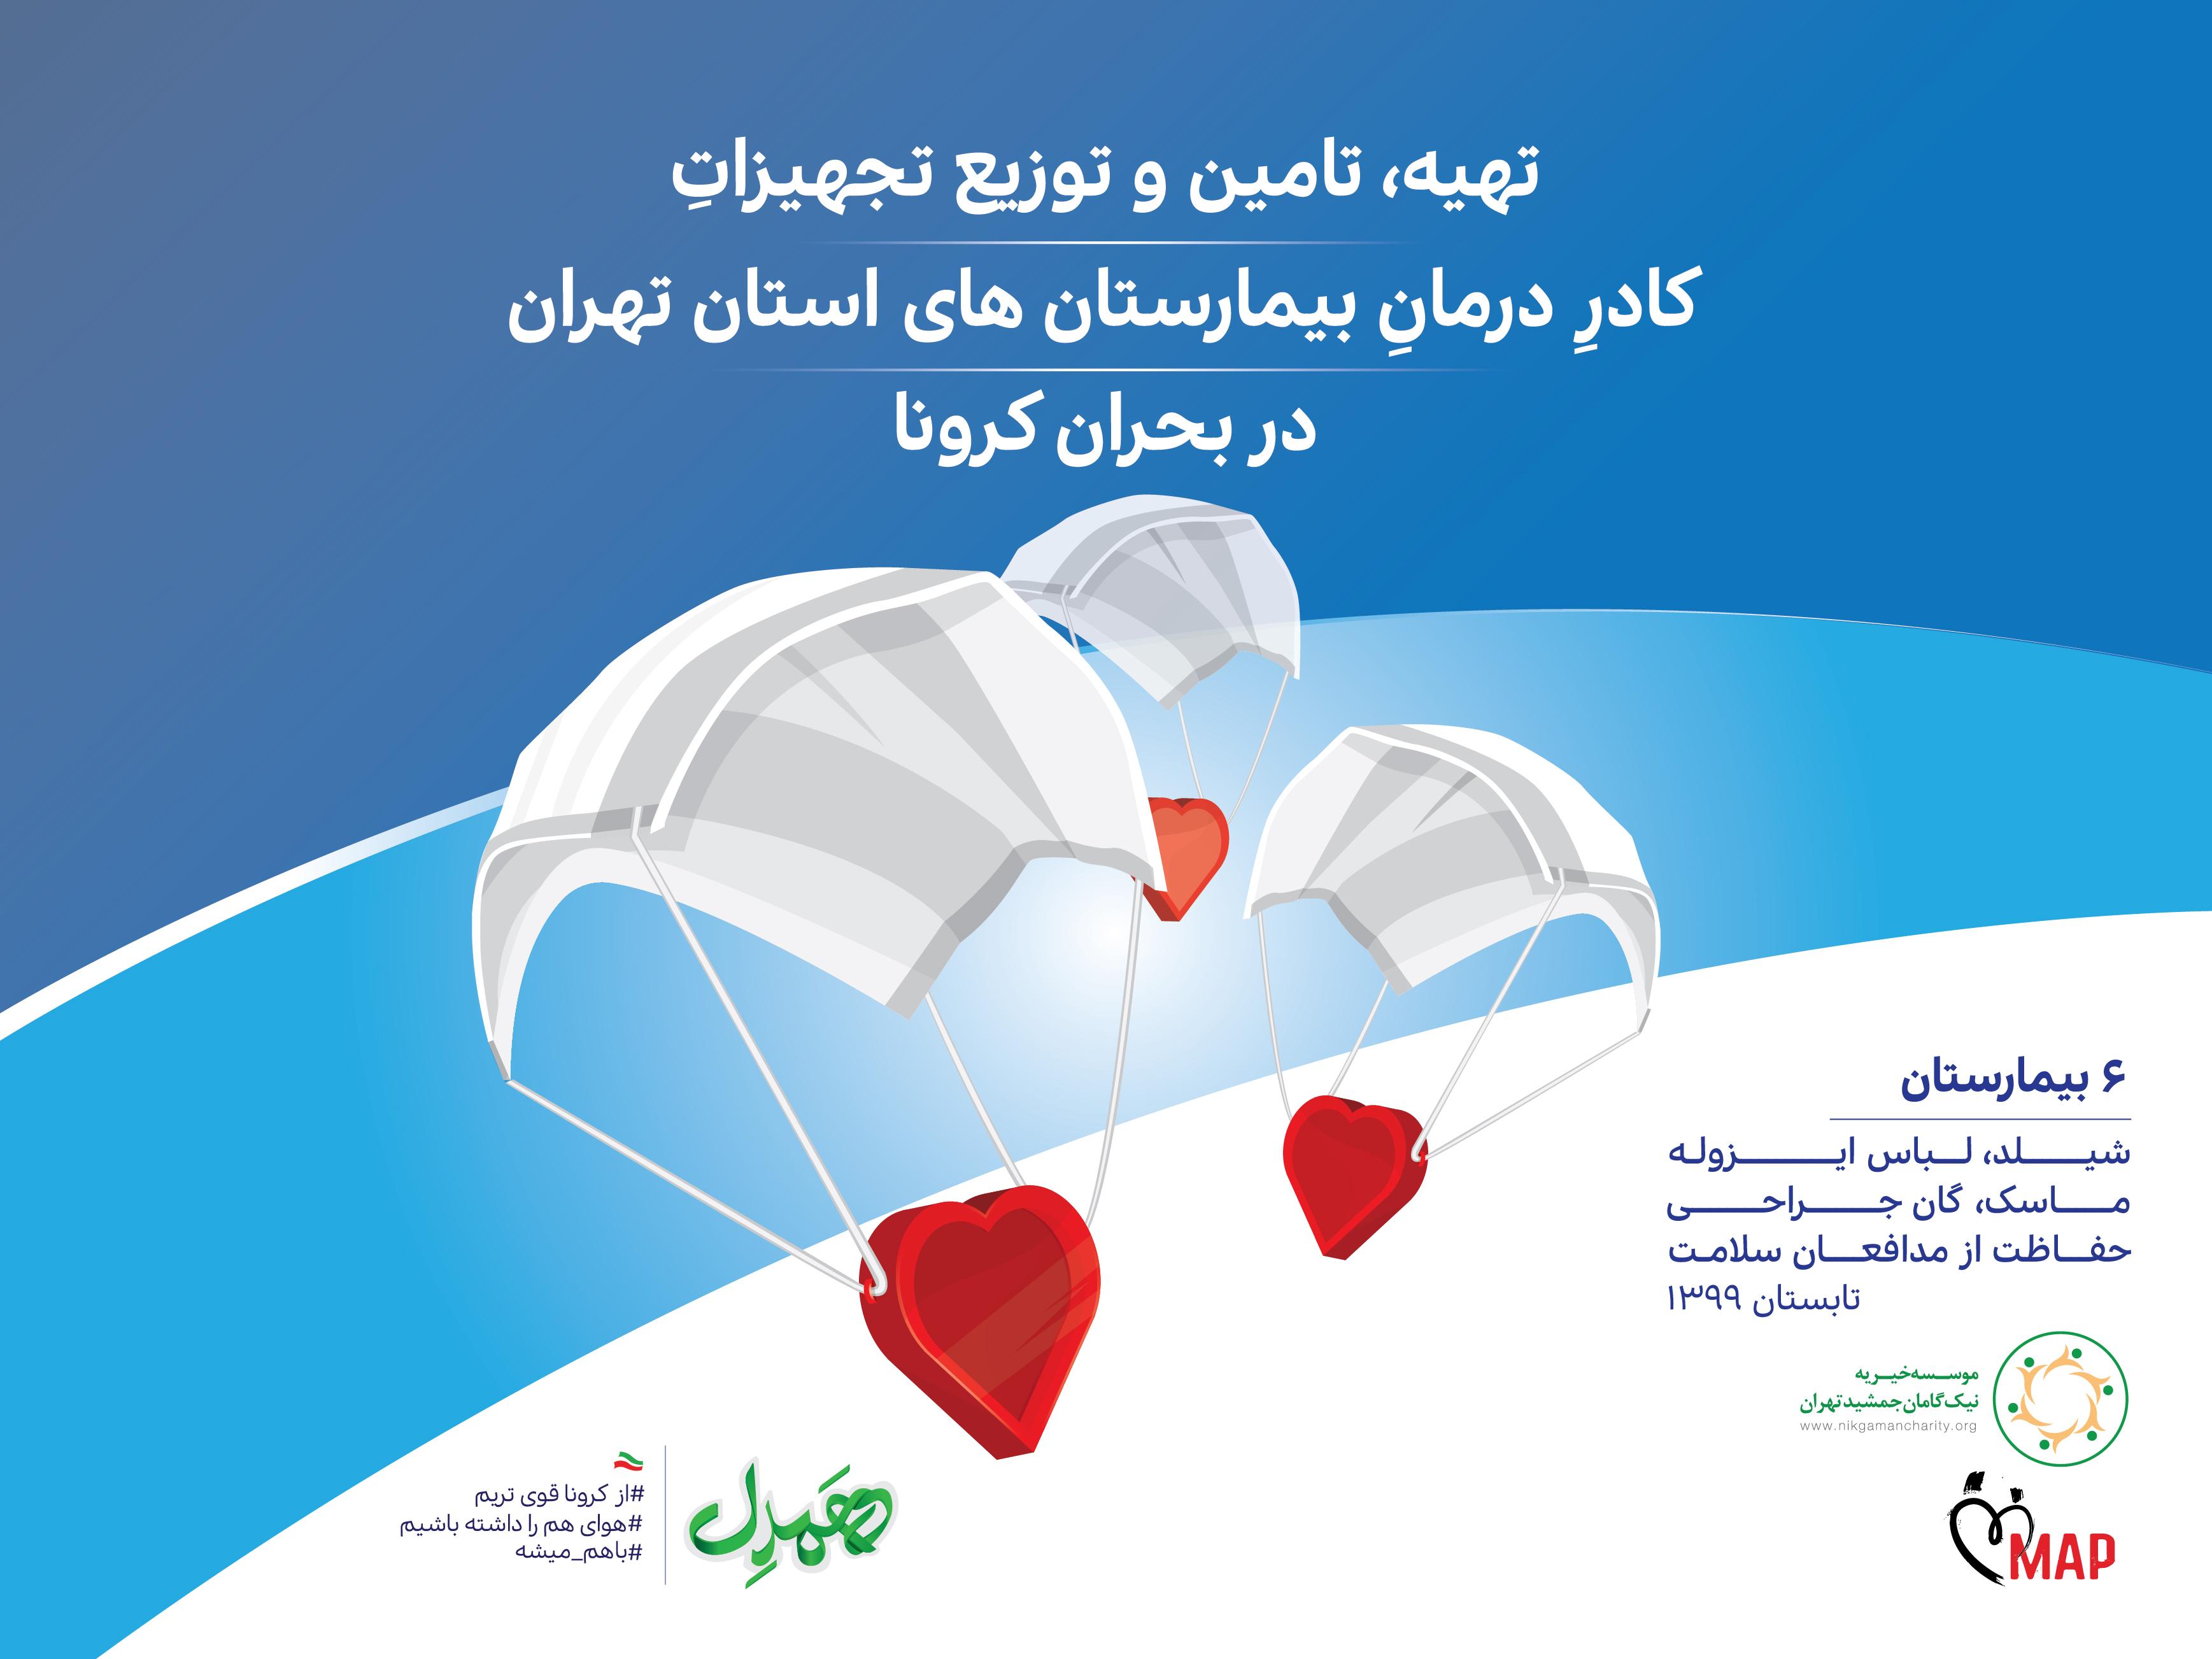 تهیه تجهیزات حفاظت فردی برای بیمارستانهای استان تهران